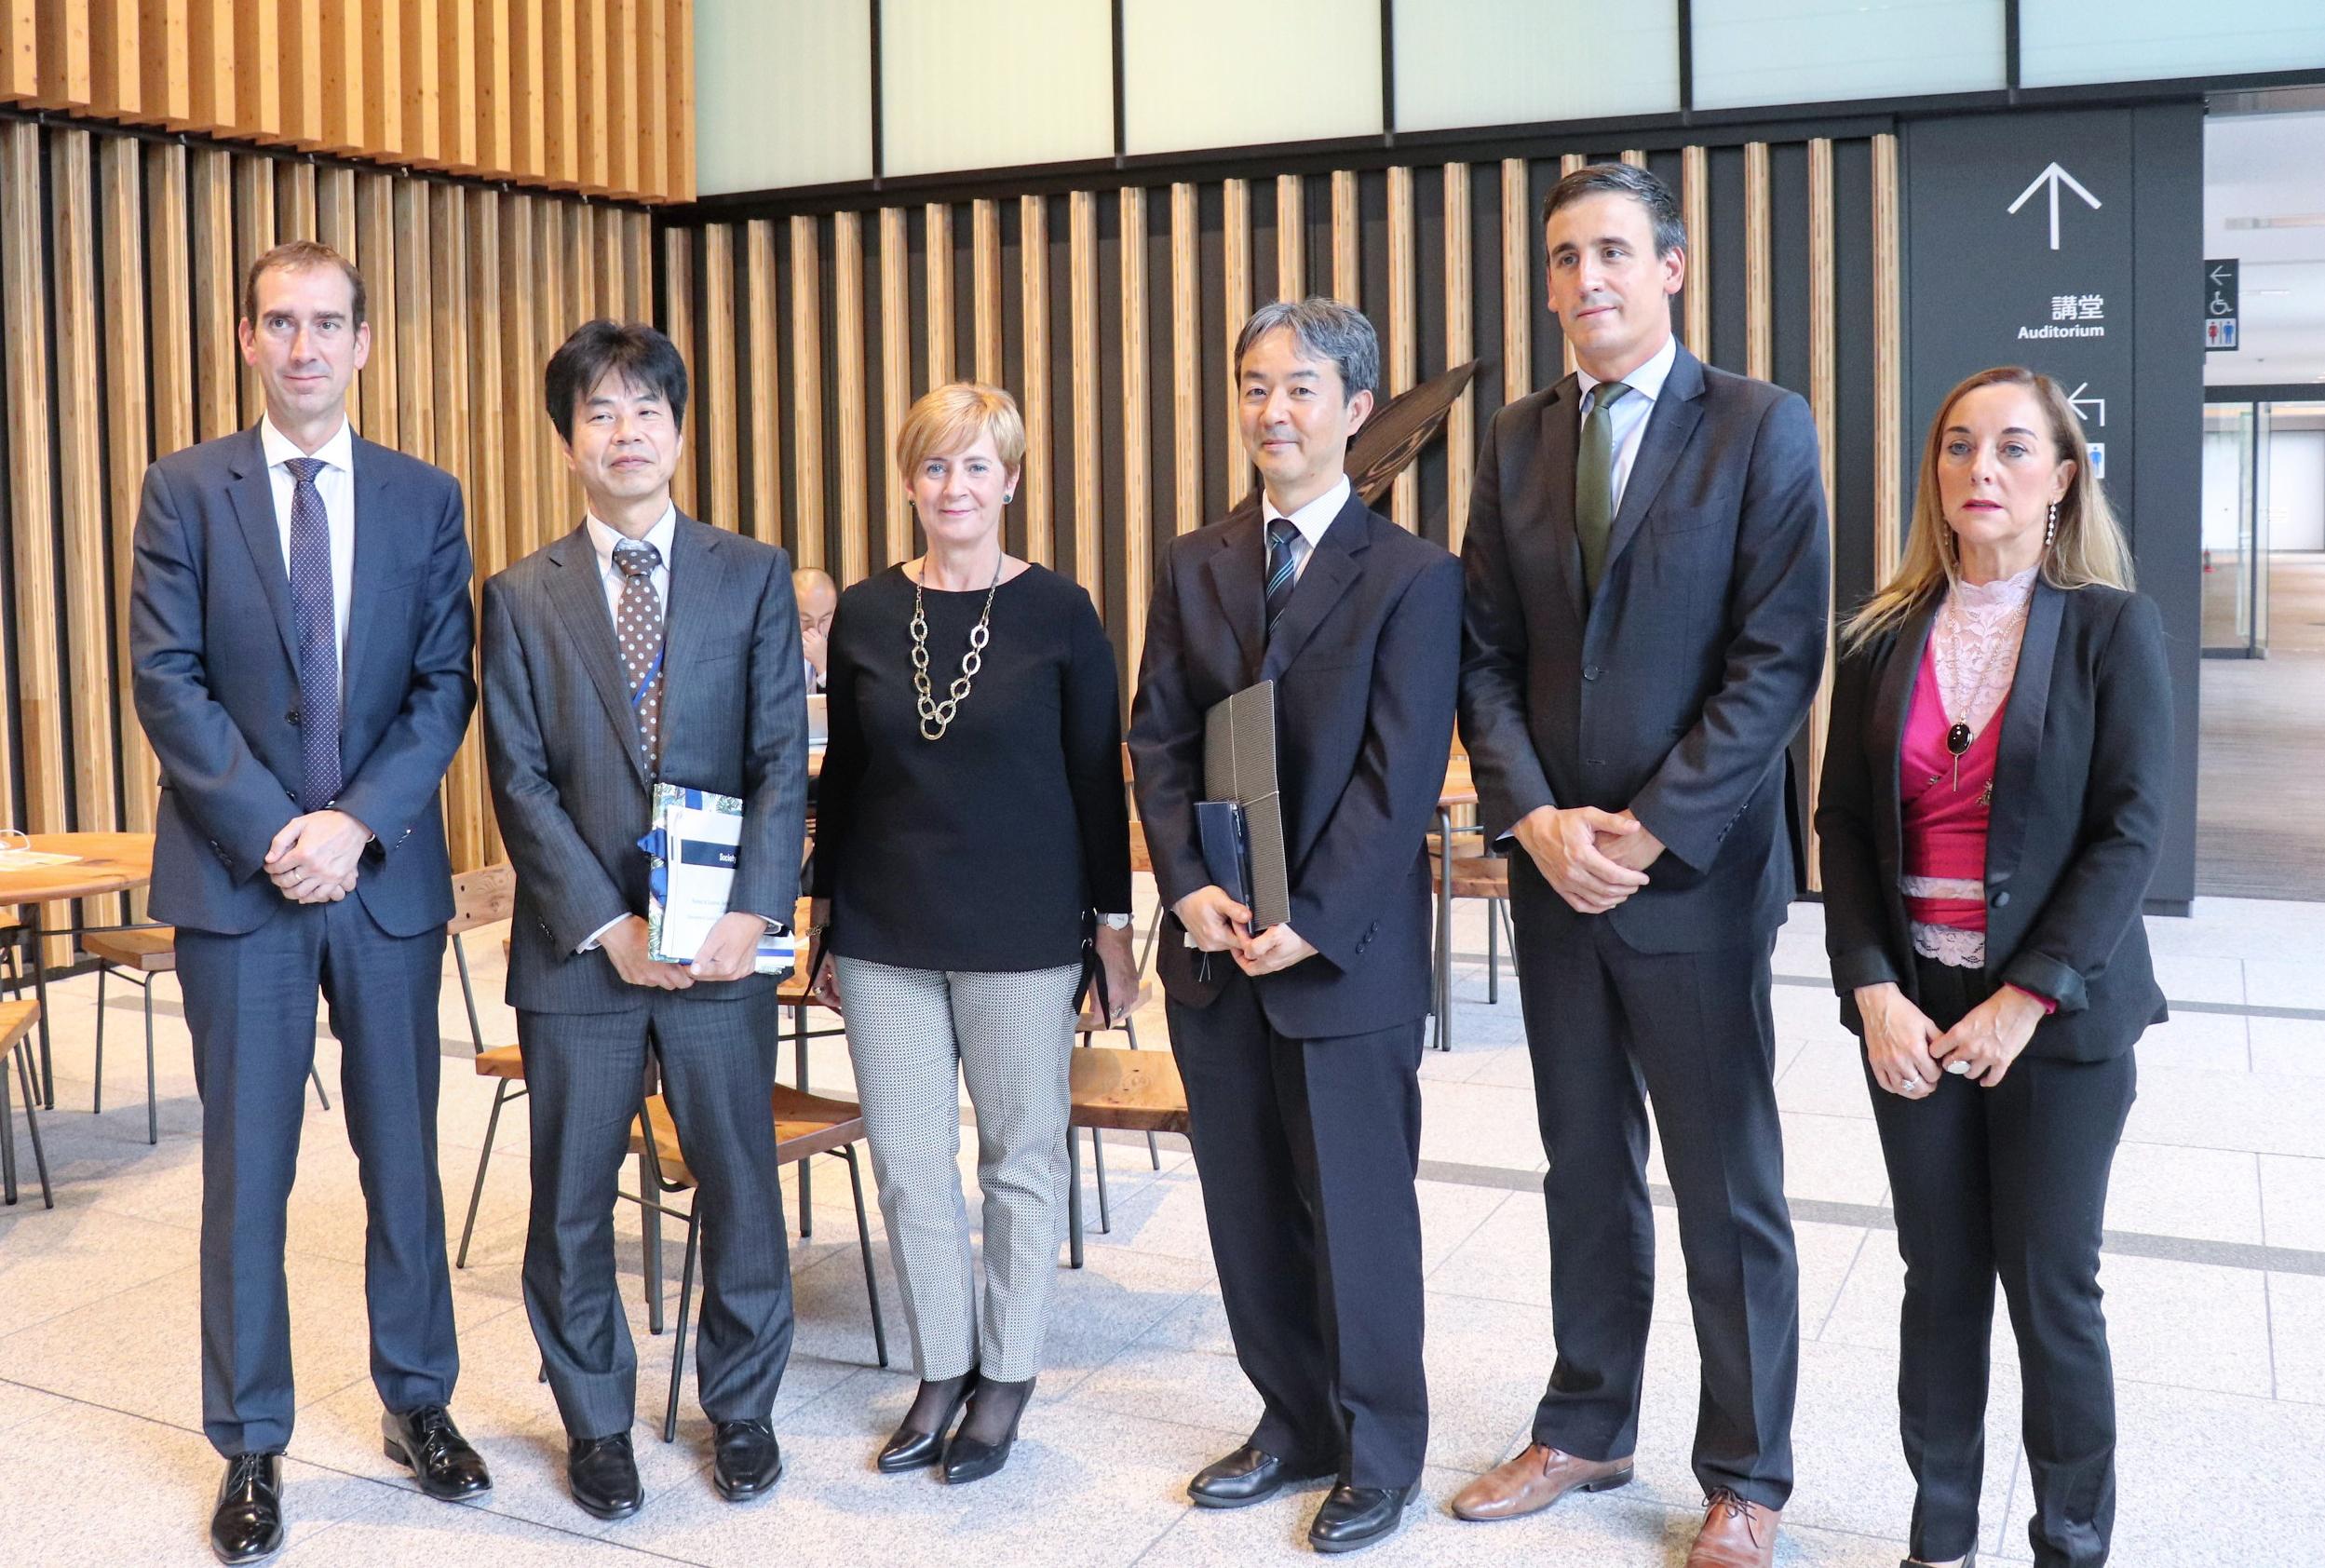 Estrategias públicas para la sociedad 5.0 y Tecnologías de la información ejes de la segunda jornada de trabajo en Tokio